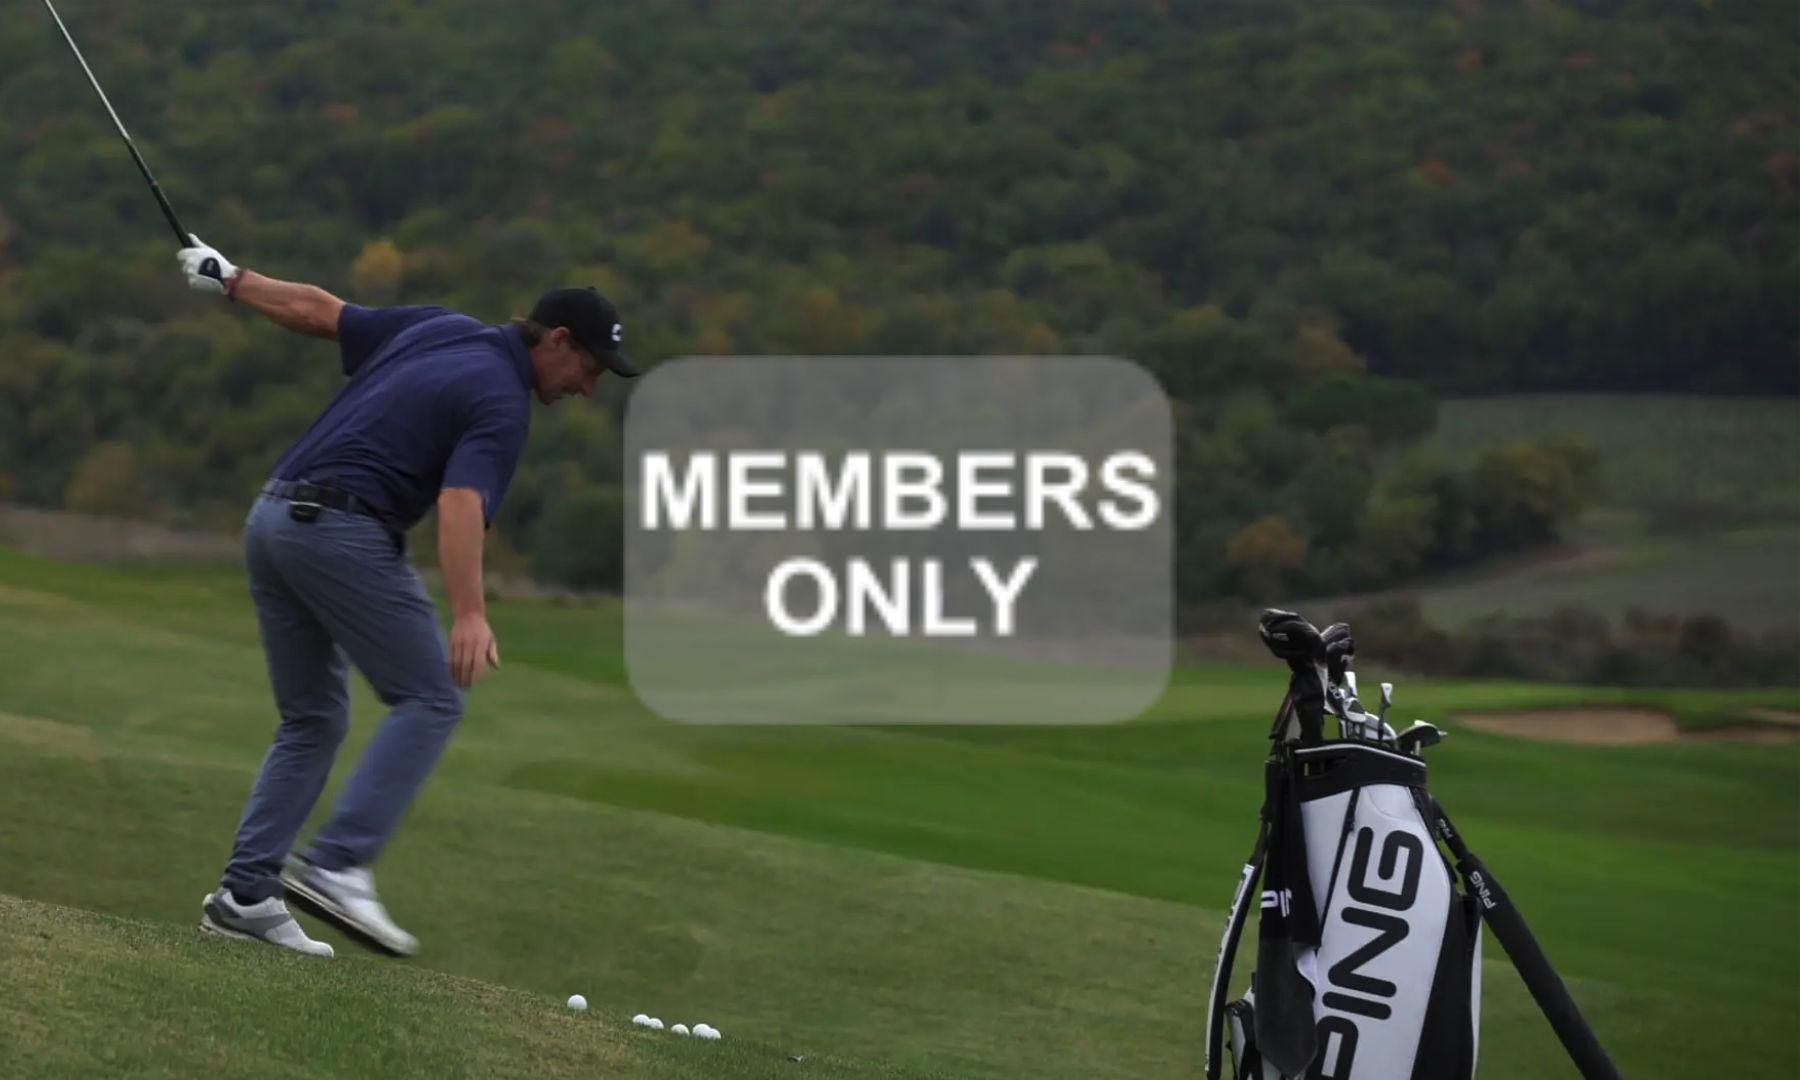 Golftraining in Schräglagen | Hanglagen im Golf lernen Videoportal erklärt | Die Balllage unterhalb